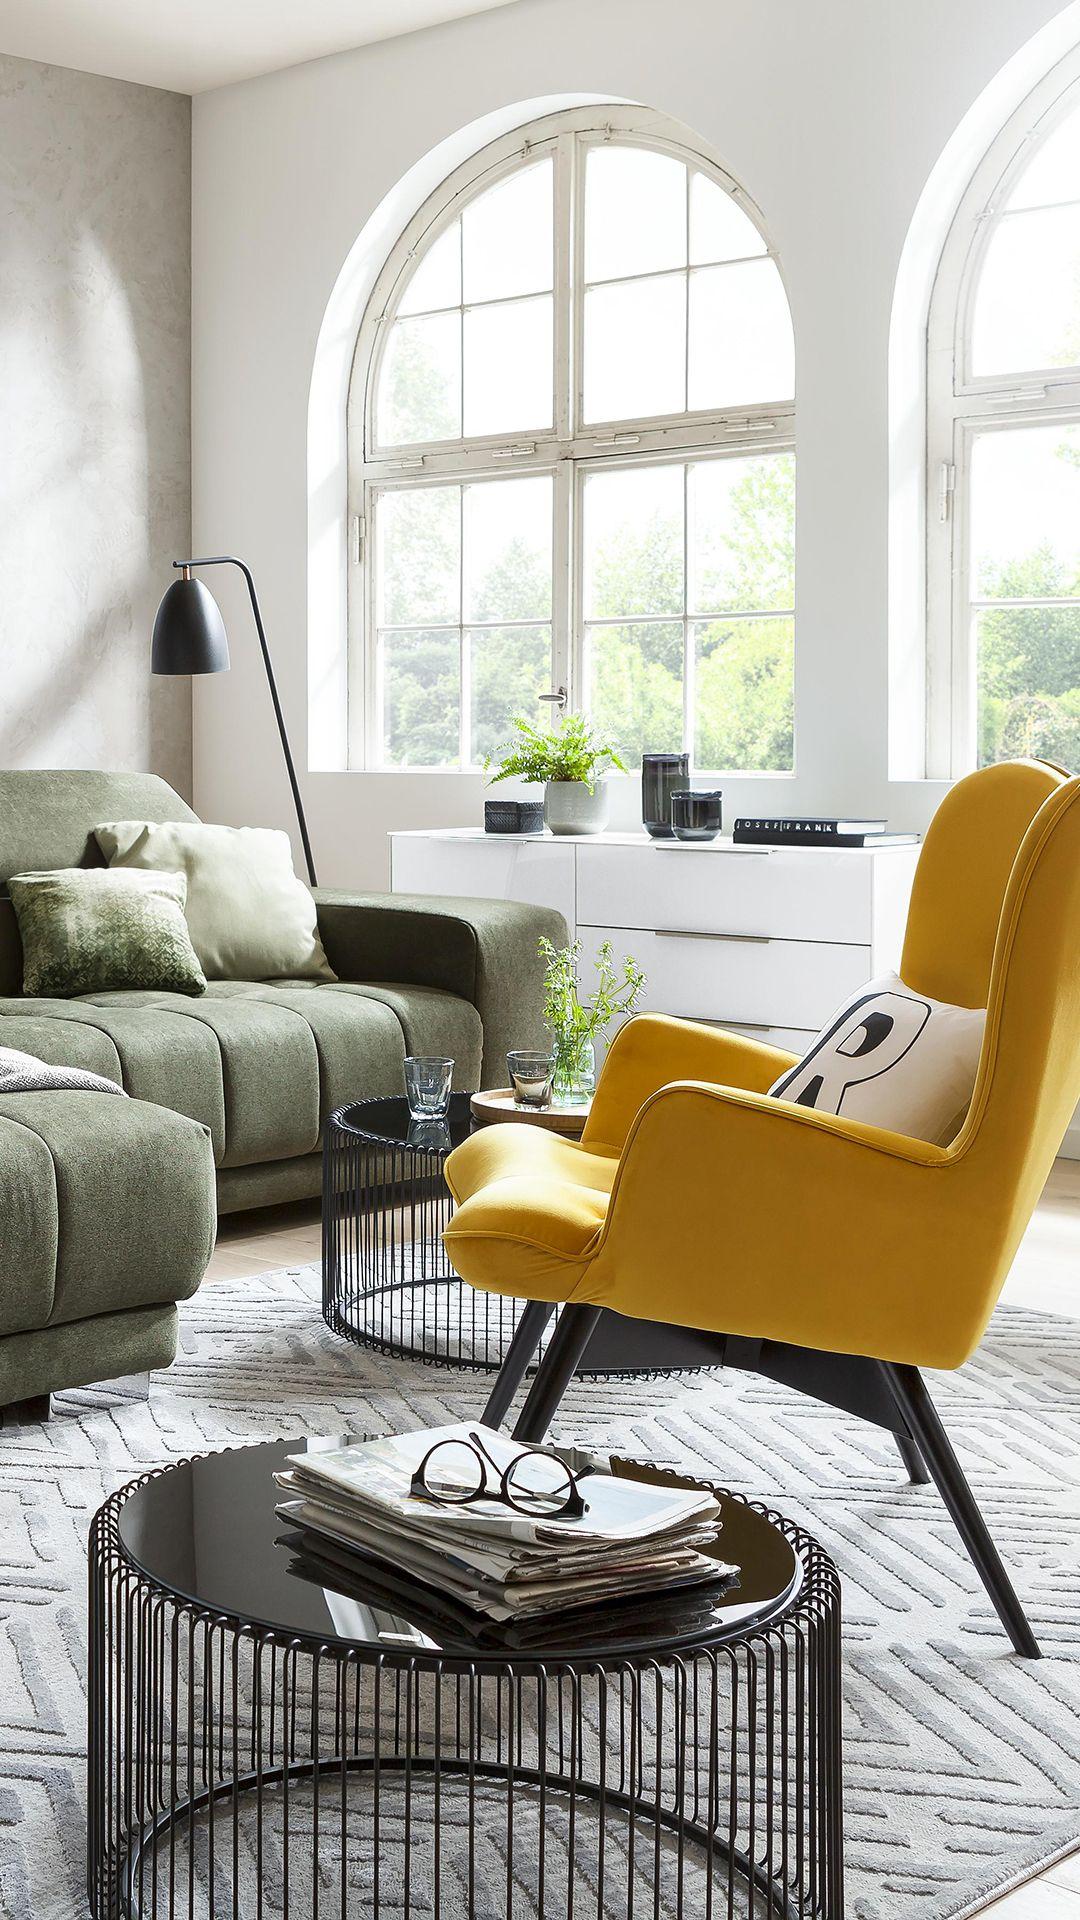 Sessel in Senfgelb  Modernes Wohnen in 5  Wohnzimmer design